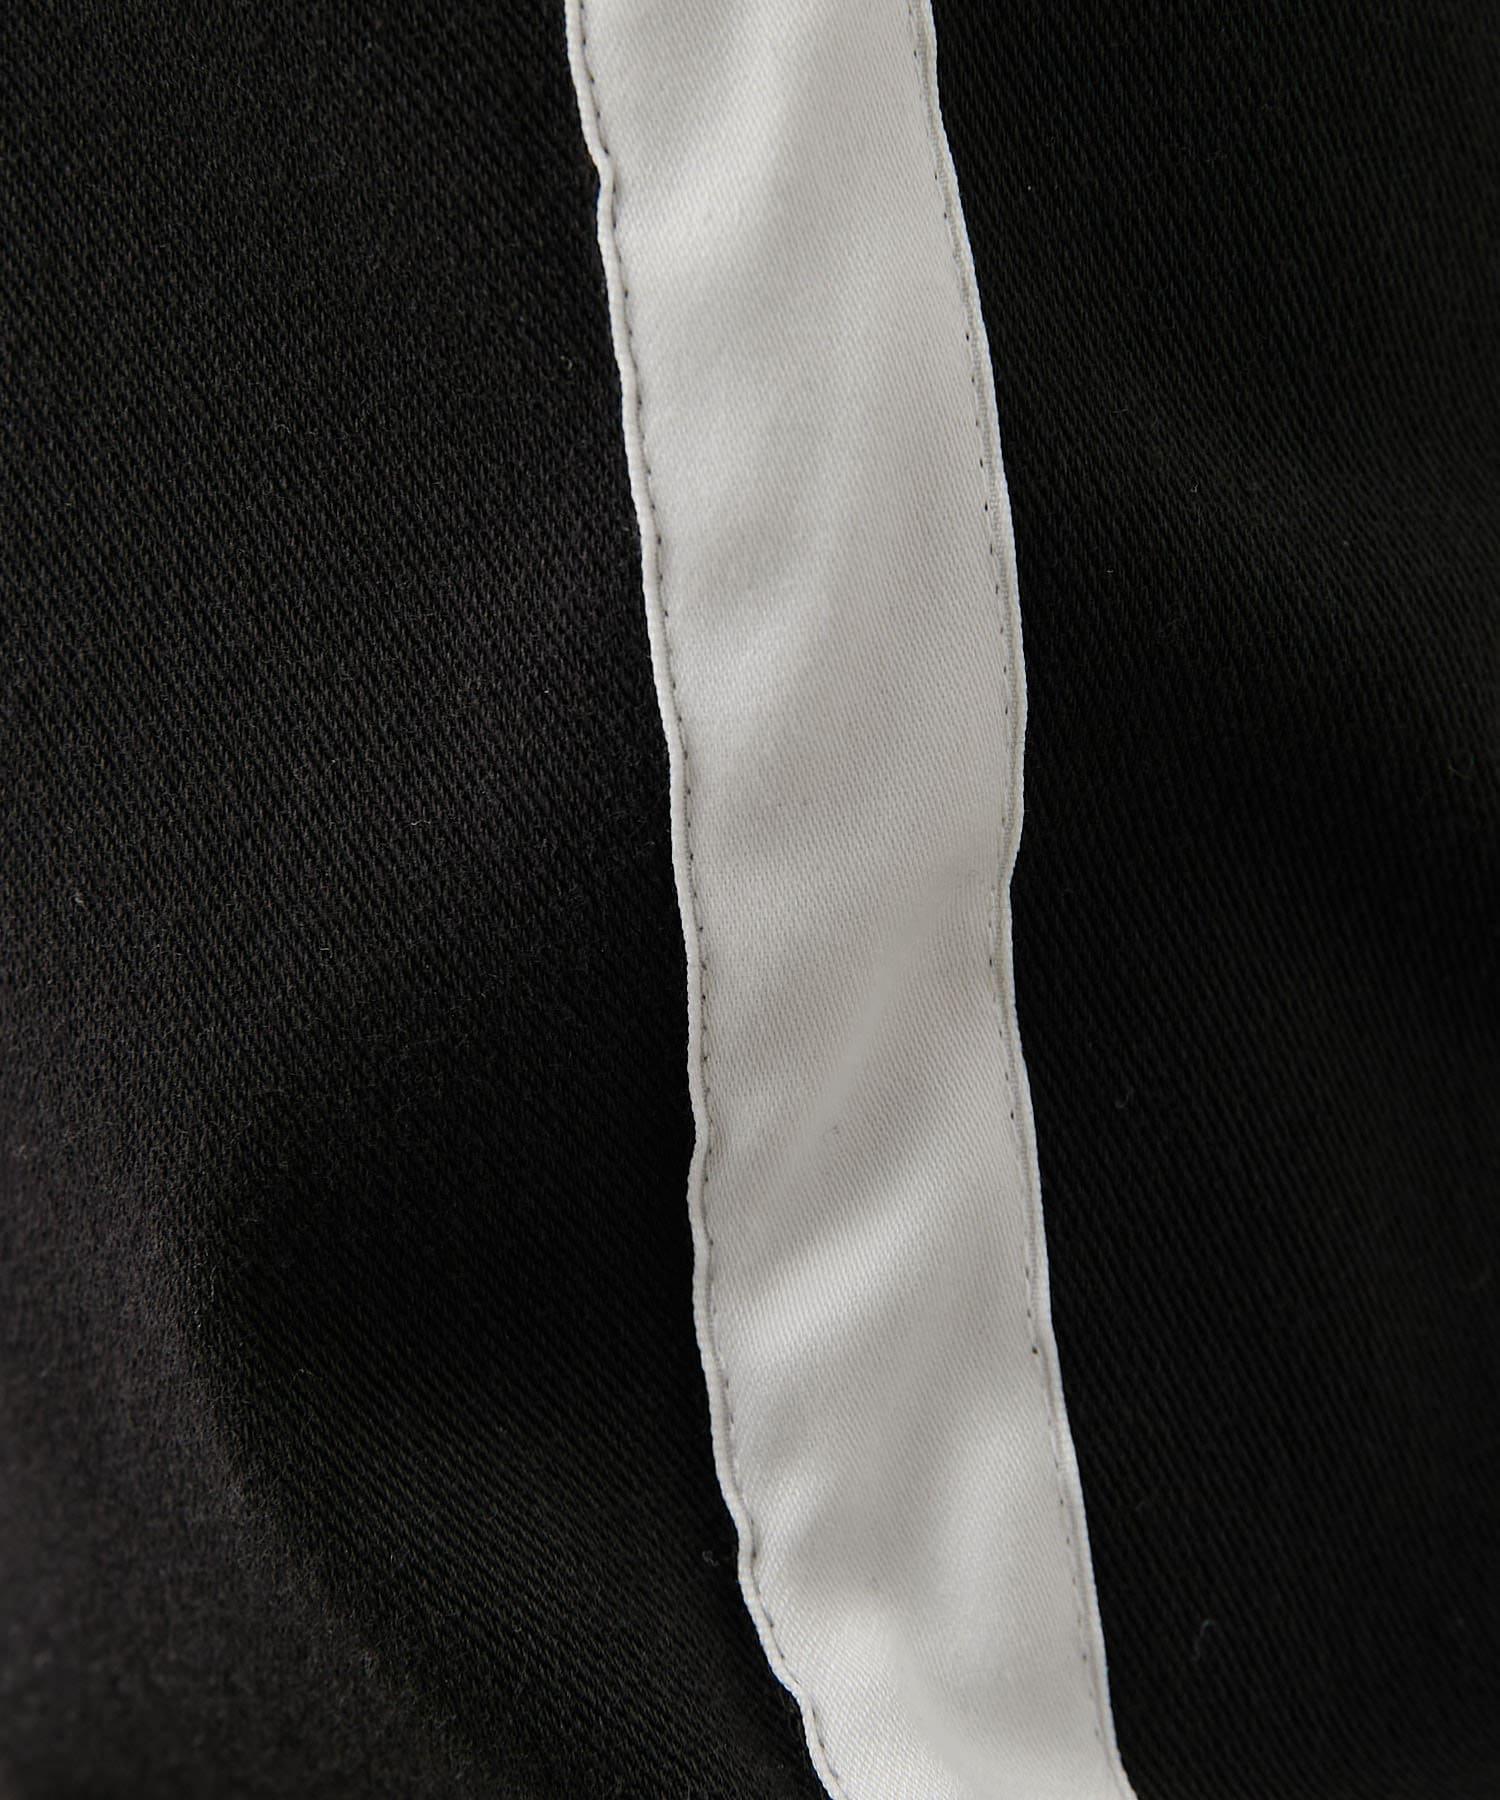 COLONY 2139(コロニー トゥーワンスリーナイン) 4WAYストレッチライン入り裾ダブルパンツ